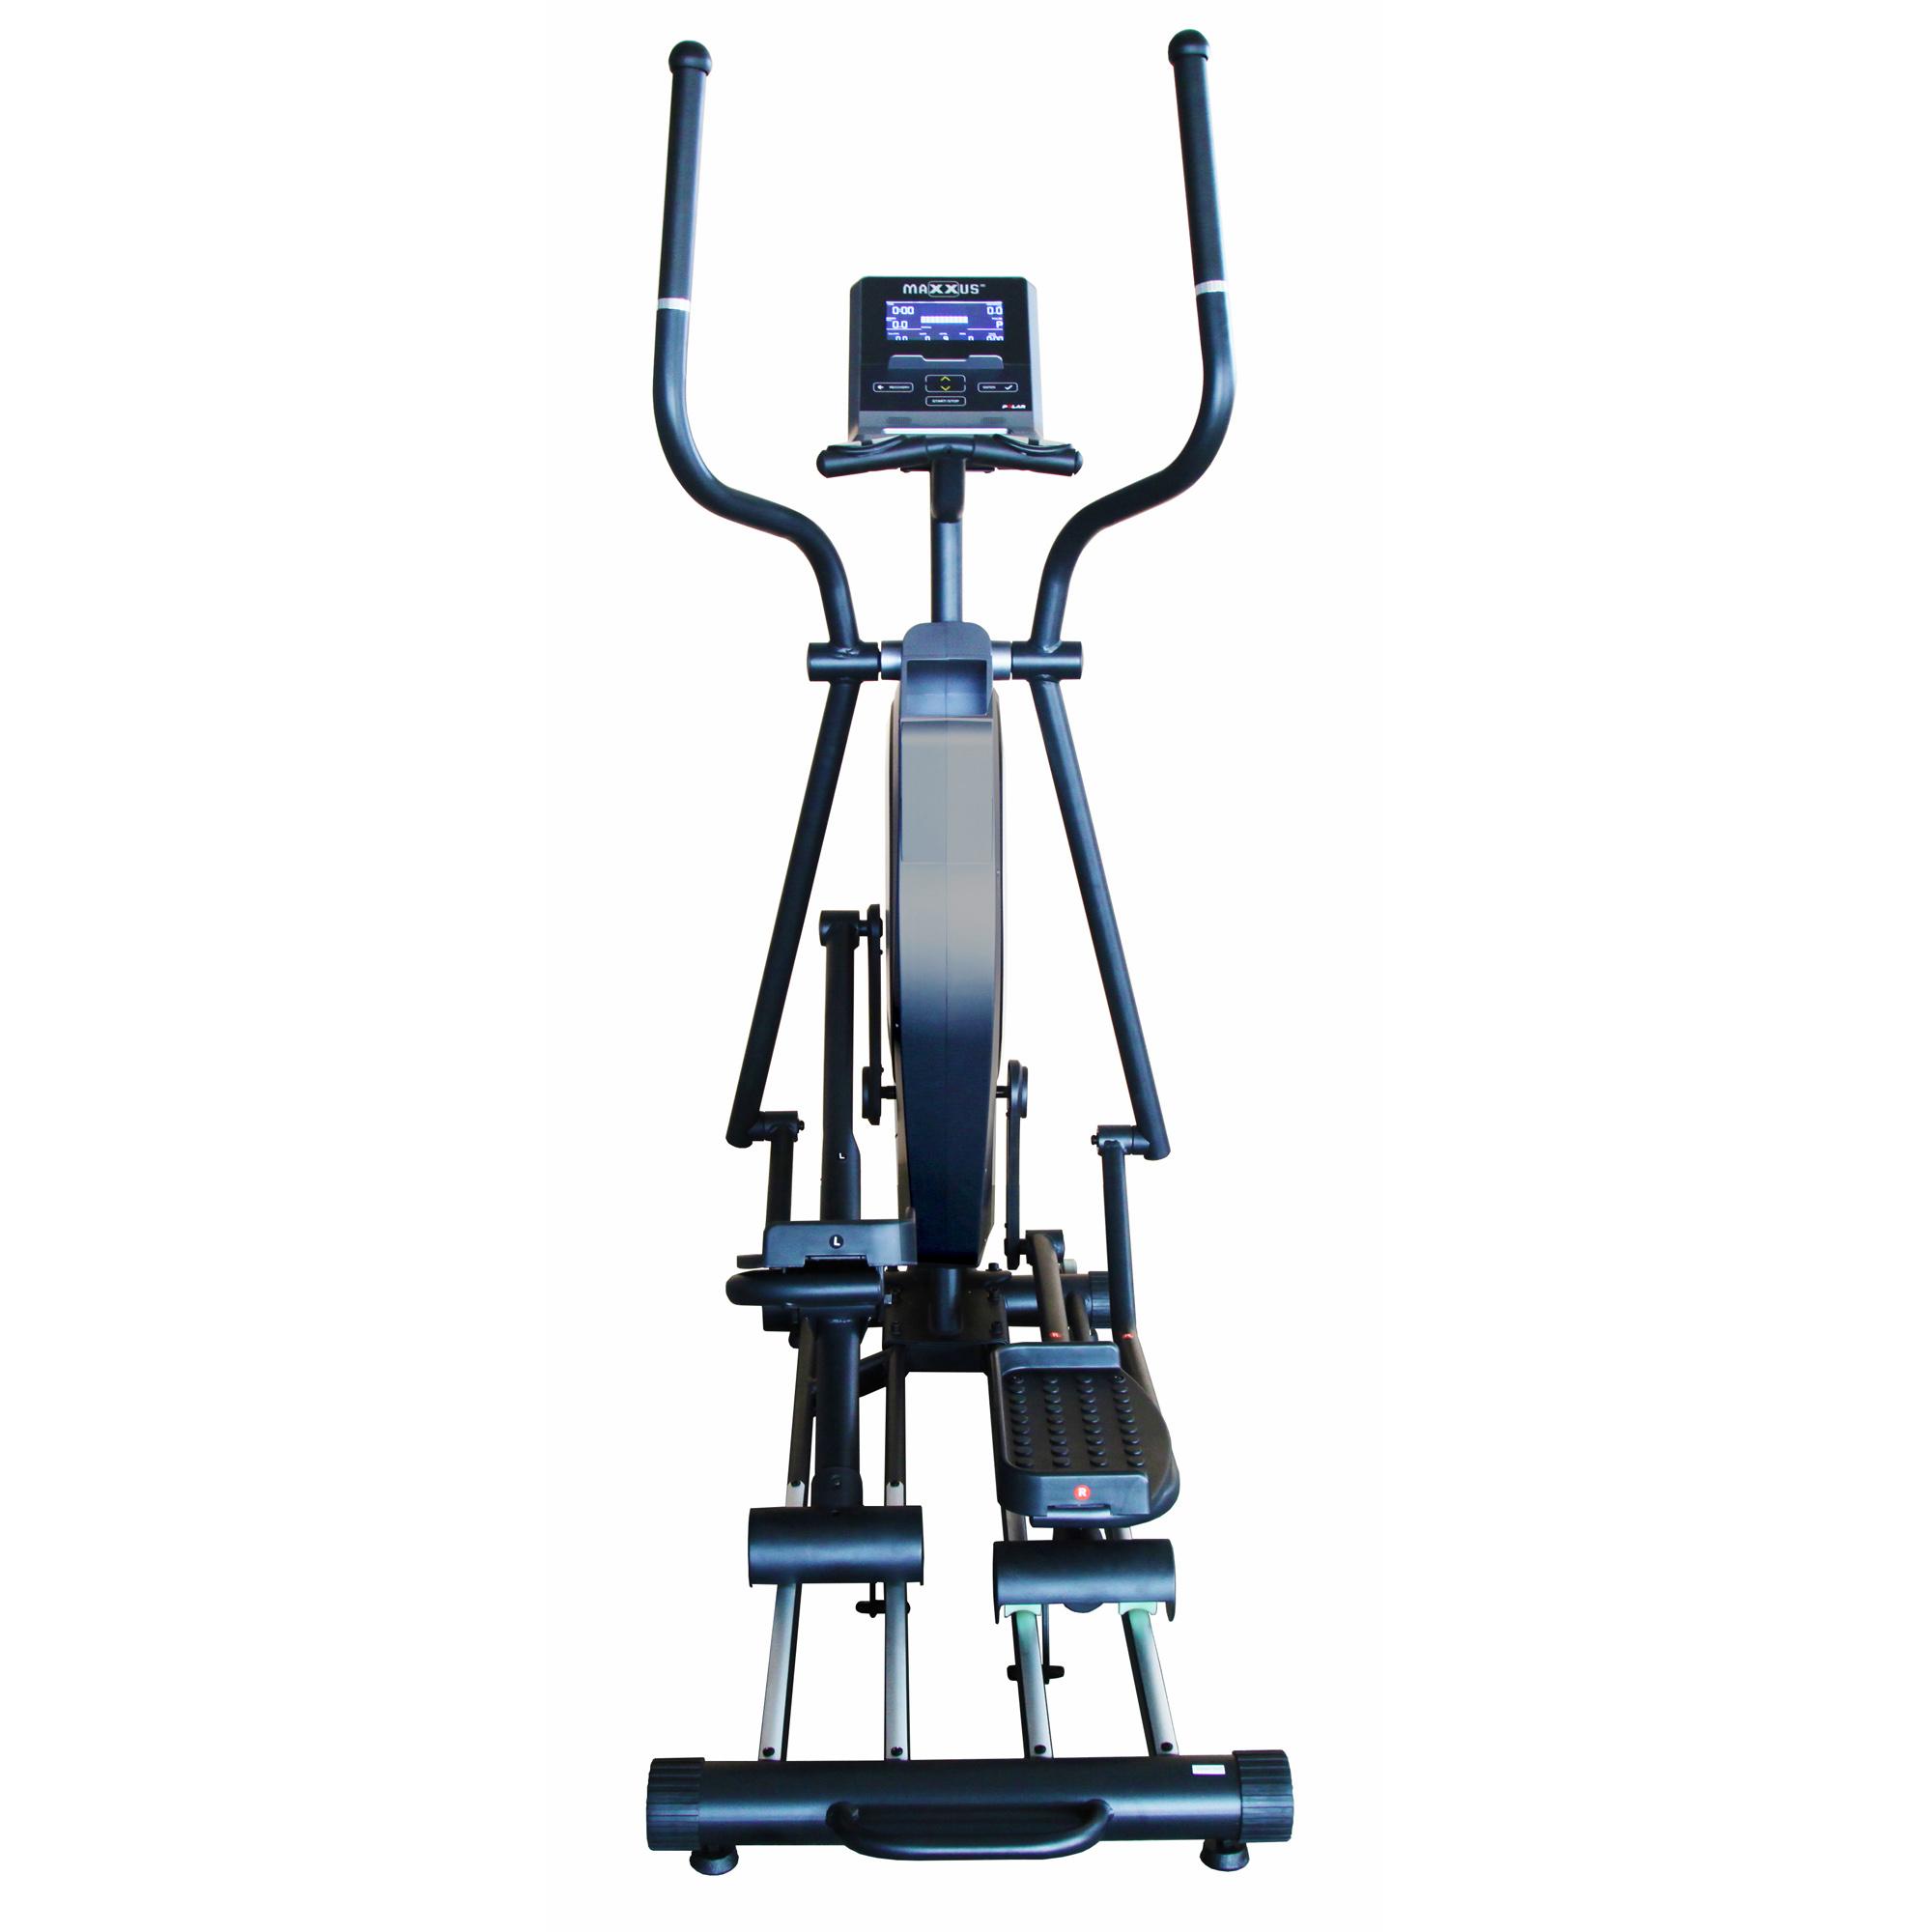 MAXXUS Crosstrainer CX 6.2